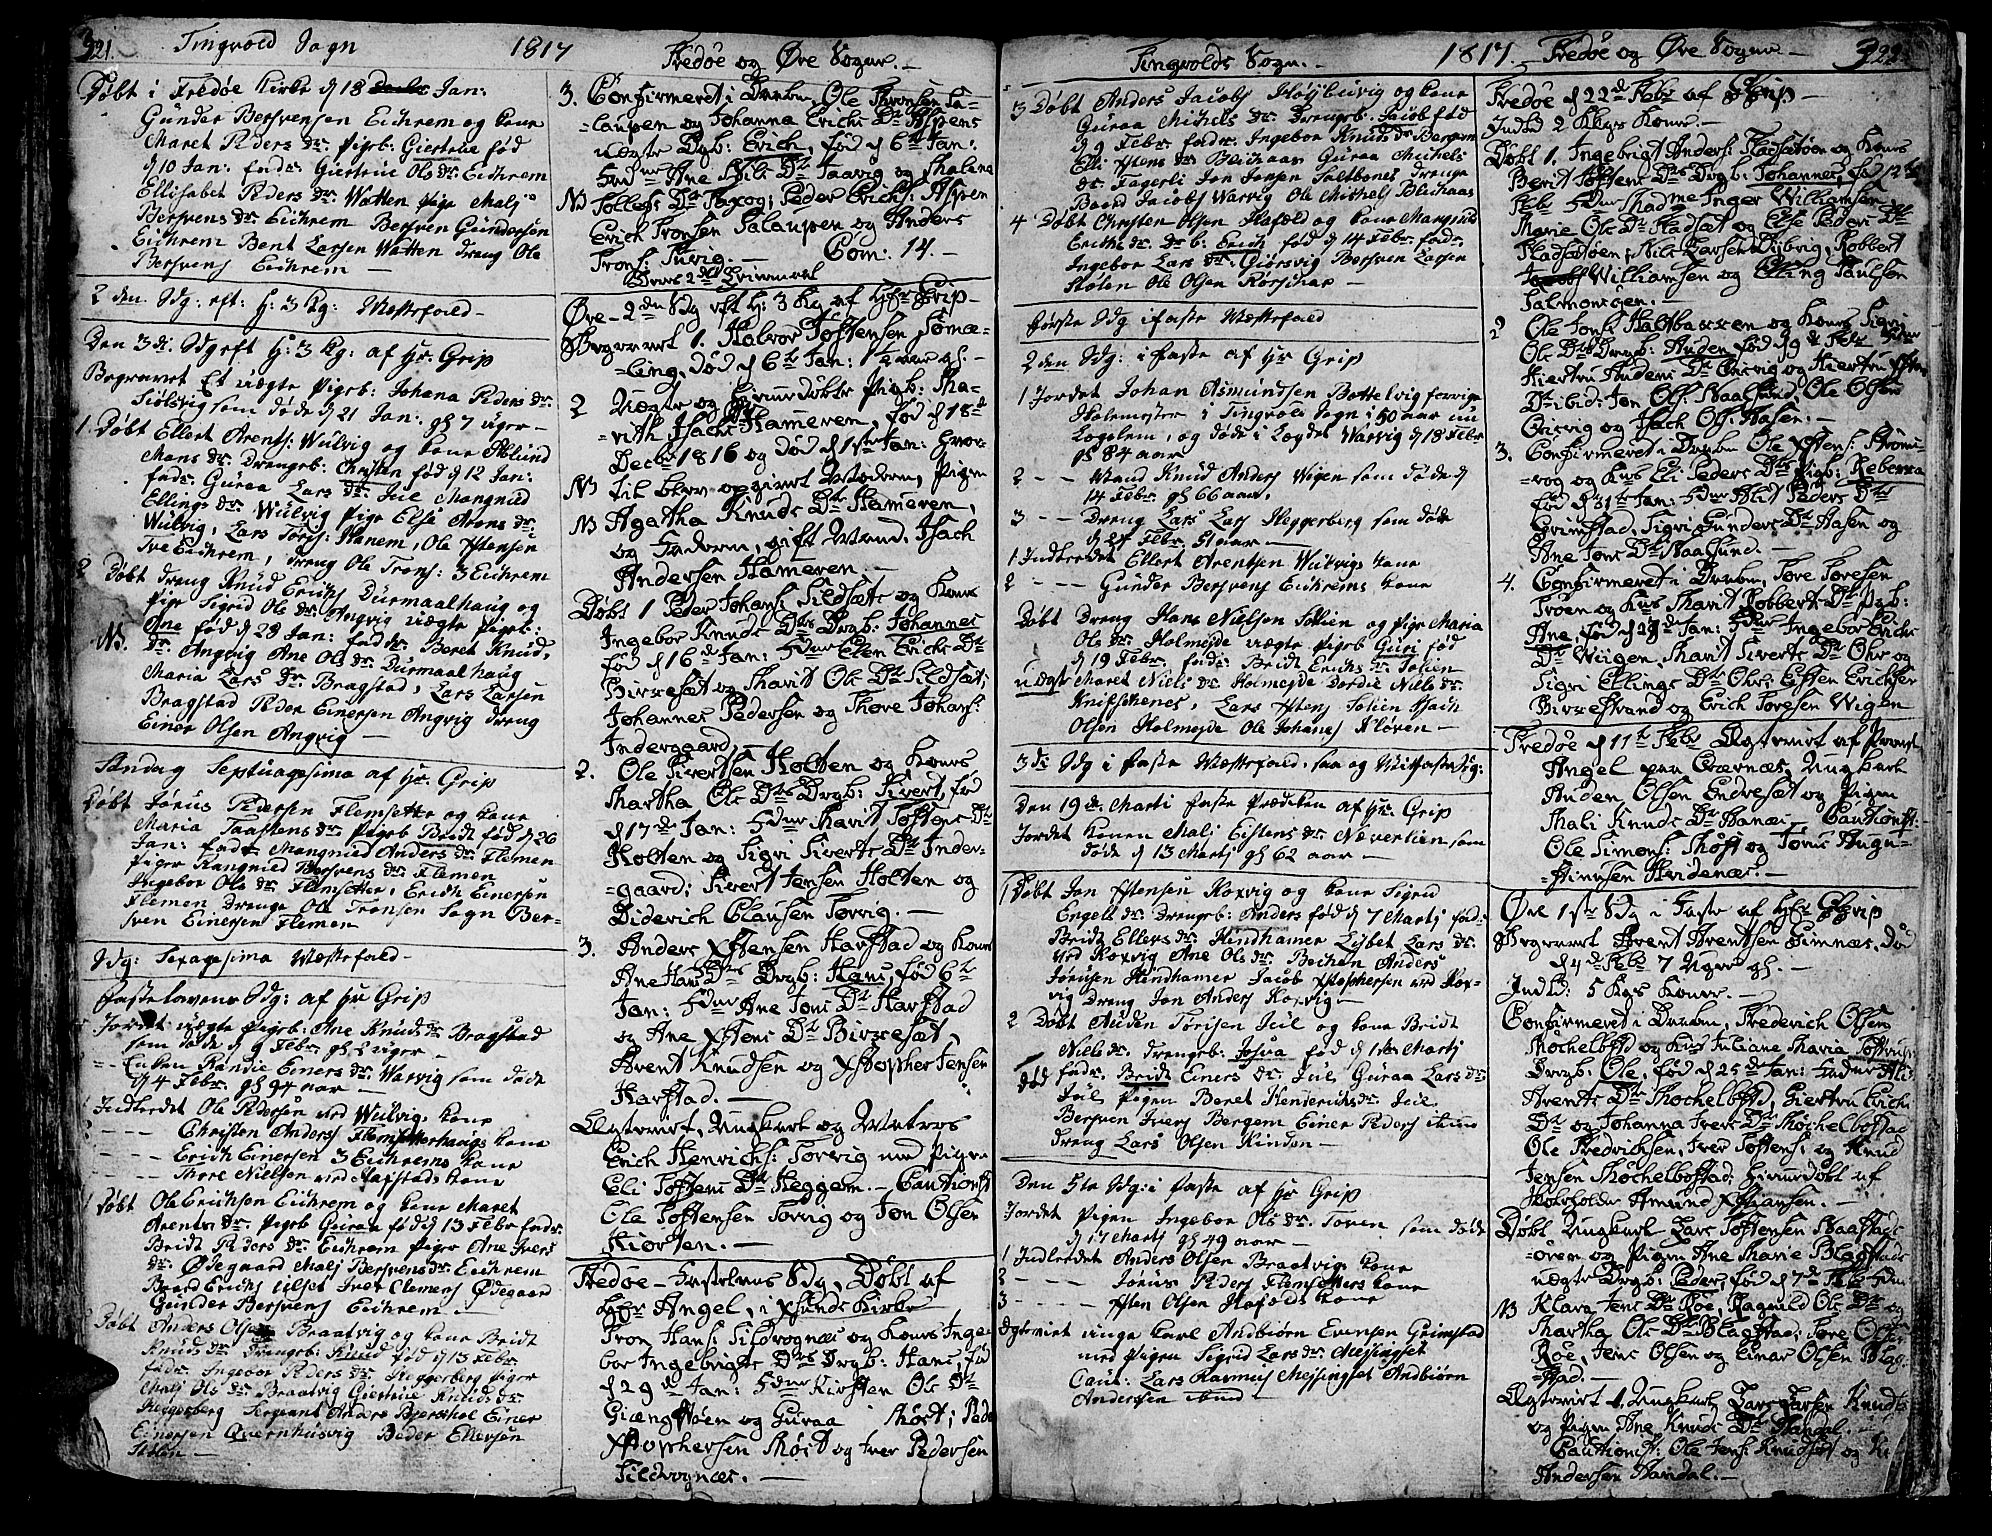 SAT, Ministerialprotokoller, klokkerbøker og fødselsregistre - Møre og Romsdal, 586/L0981: Ministerialbok nr. 586A07, 1794-1819, s. 321-322